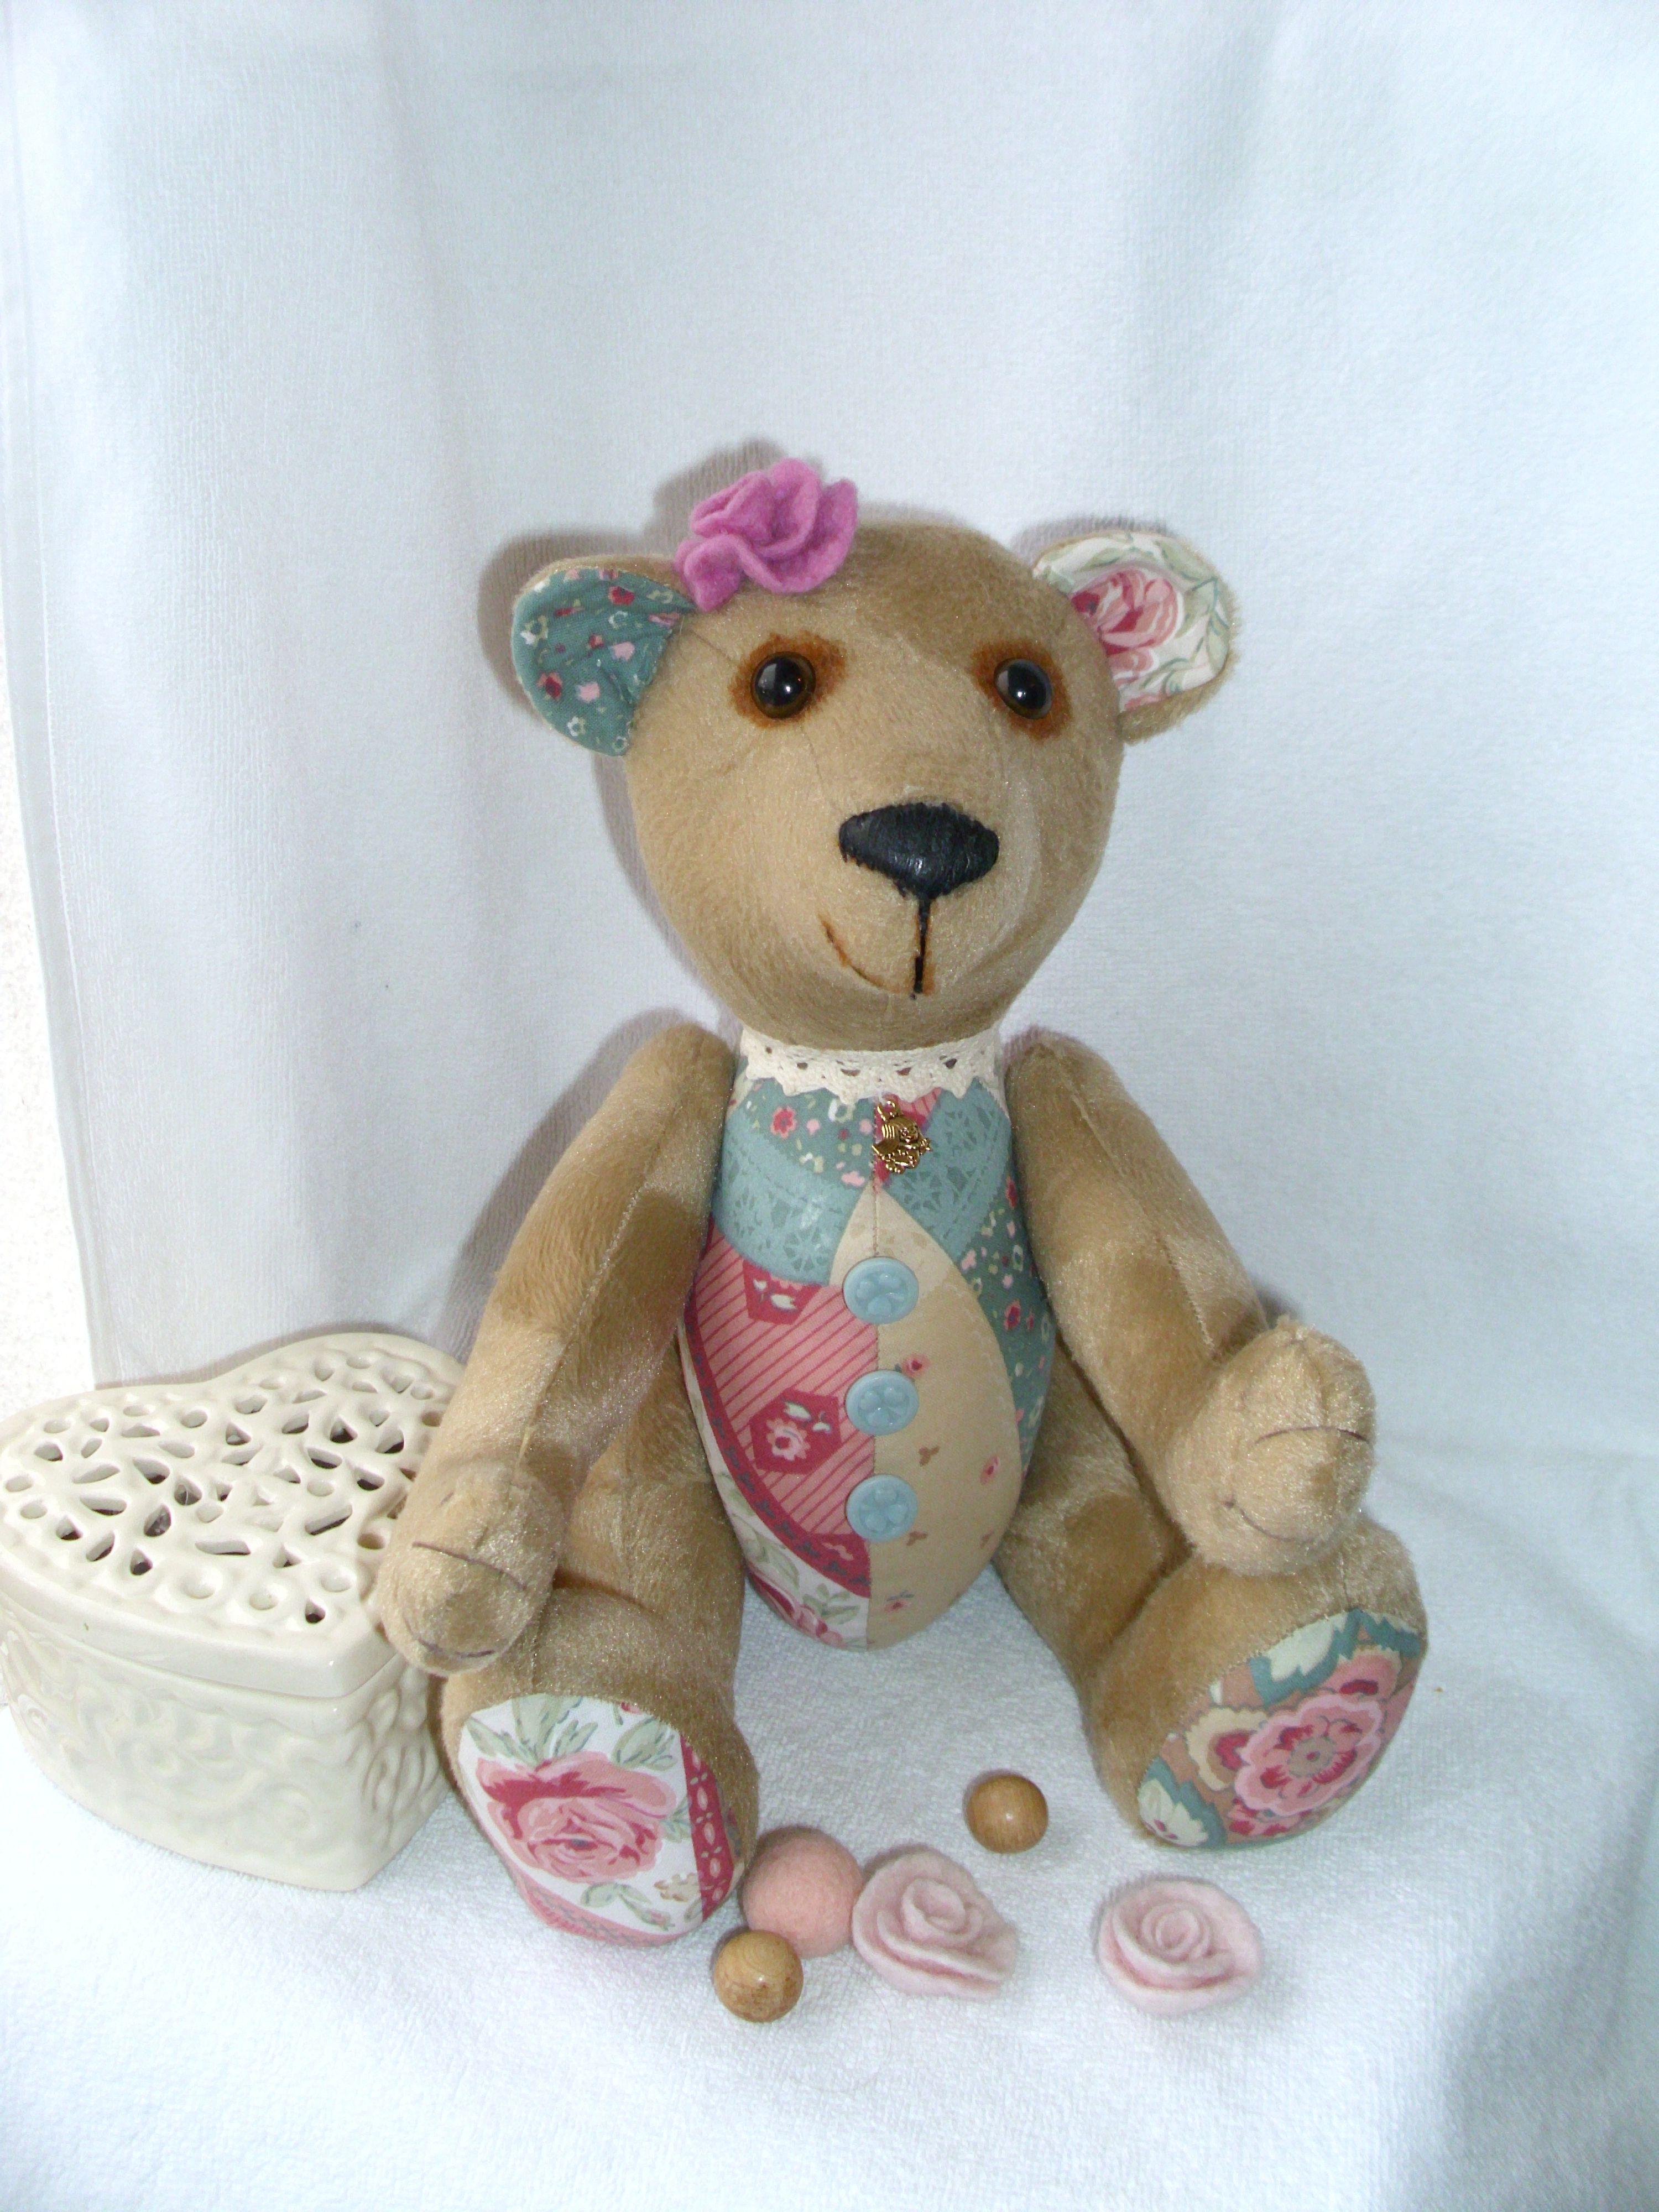 мишка медведь плюшевыймишка из текстильный тэдди хлопка